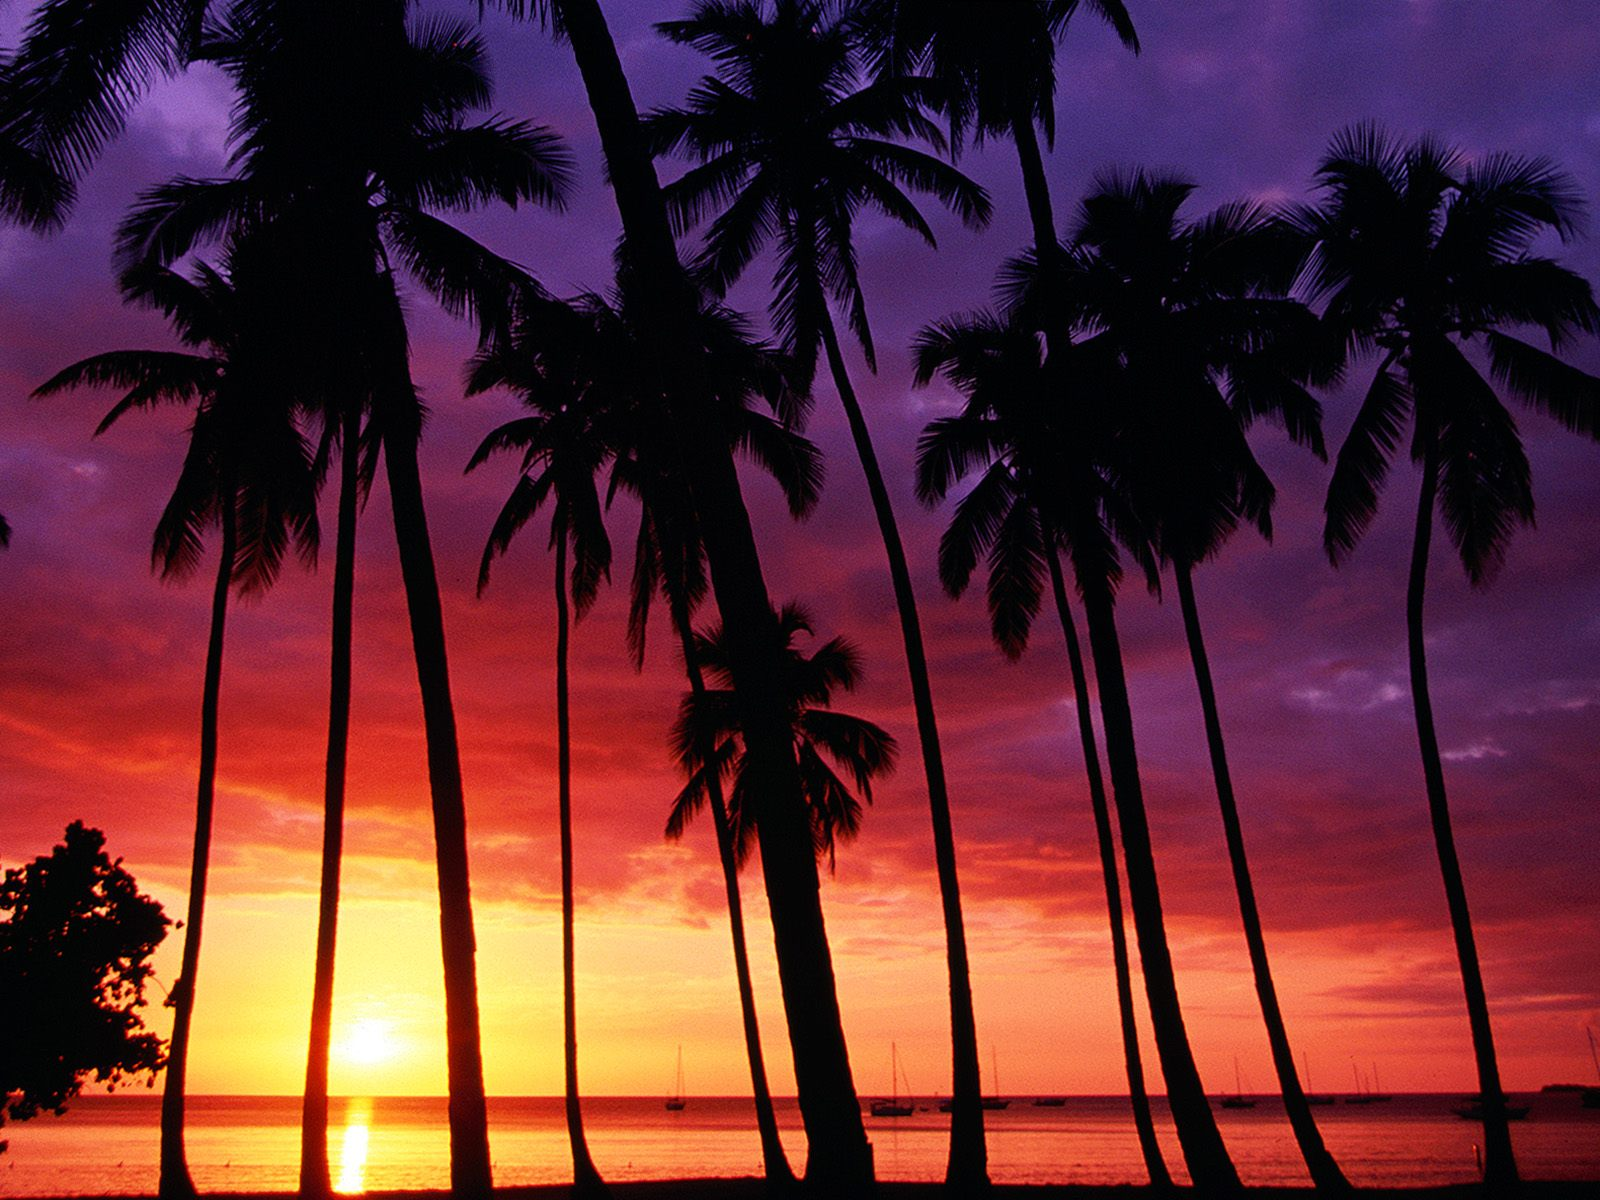 http://4.bp.blogspot.com/-Lmb085OOfLk/TxMqZYLFMeI/AAAAAAAAAGw/W1Bo_S4mfOw/s1600/sunset_spectacular-normal.jpg